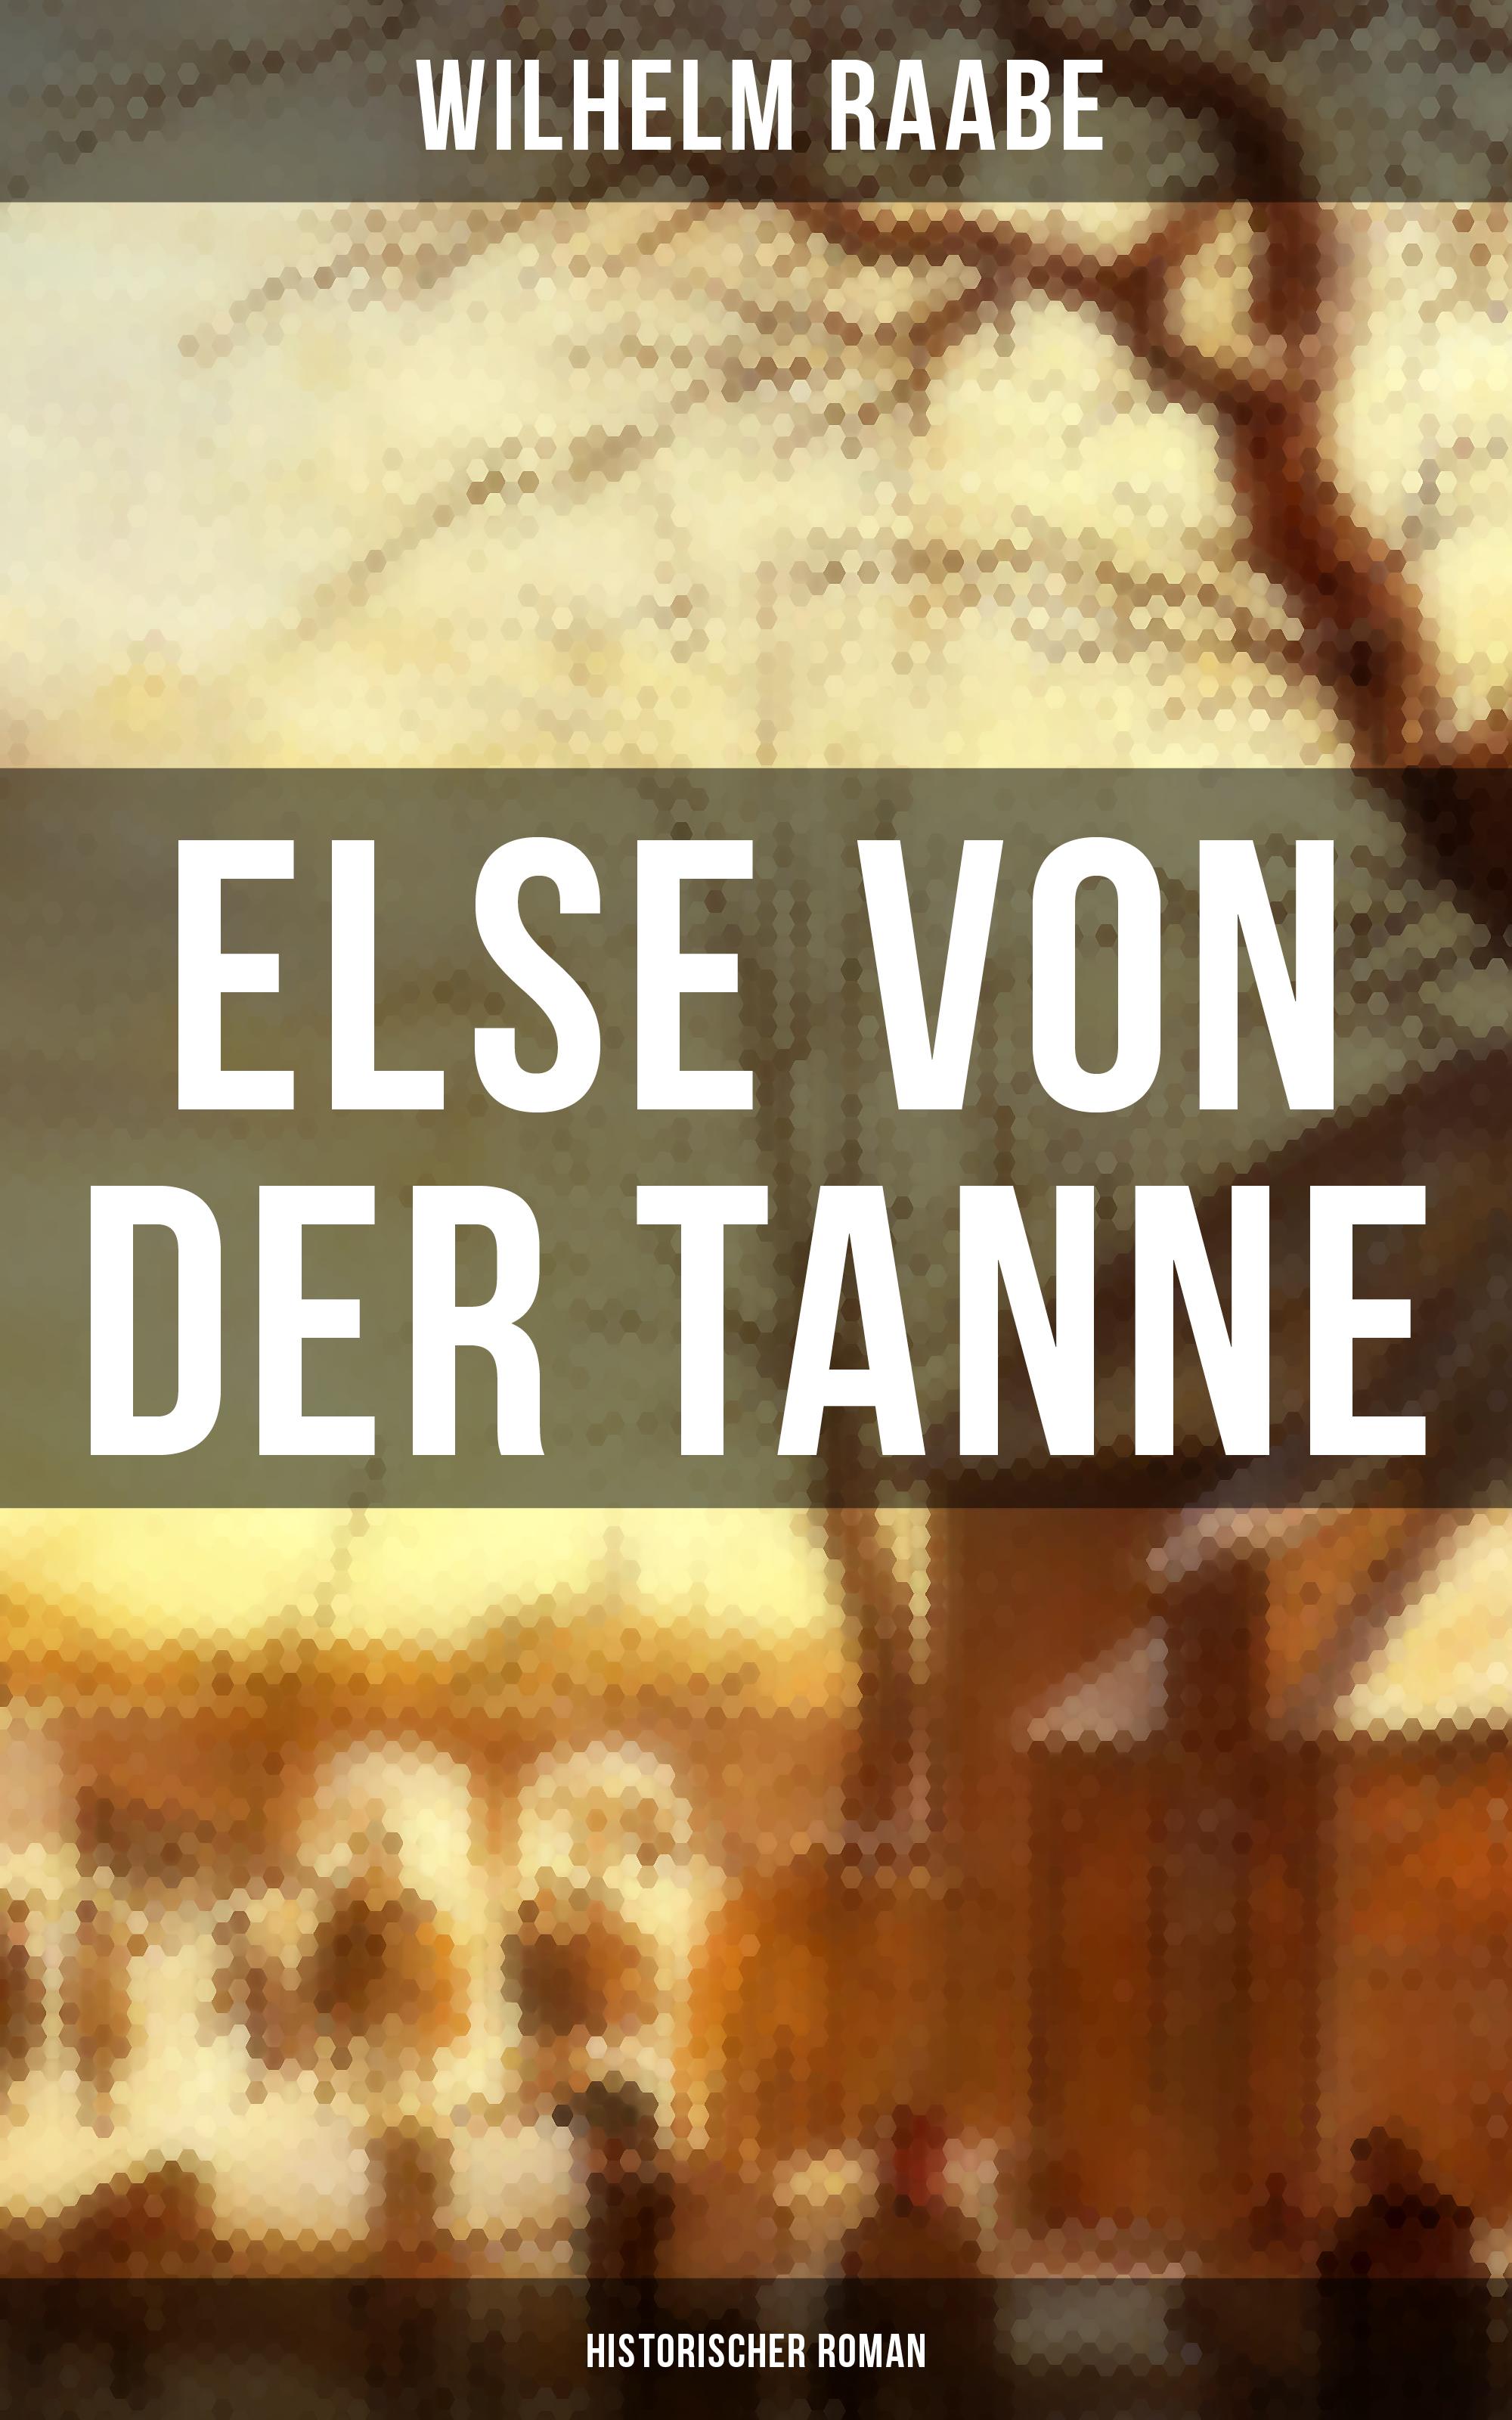 Wilhelm Raabe Else von der Tanne (Historischer Roman) rebecca myga der deutsche regionalkrimi der roman vogelwild von richard auer